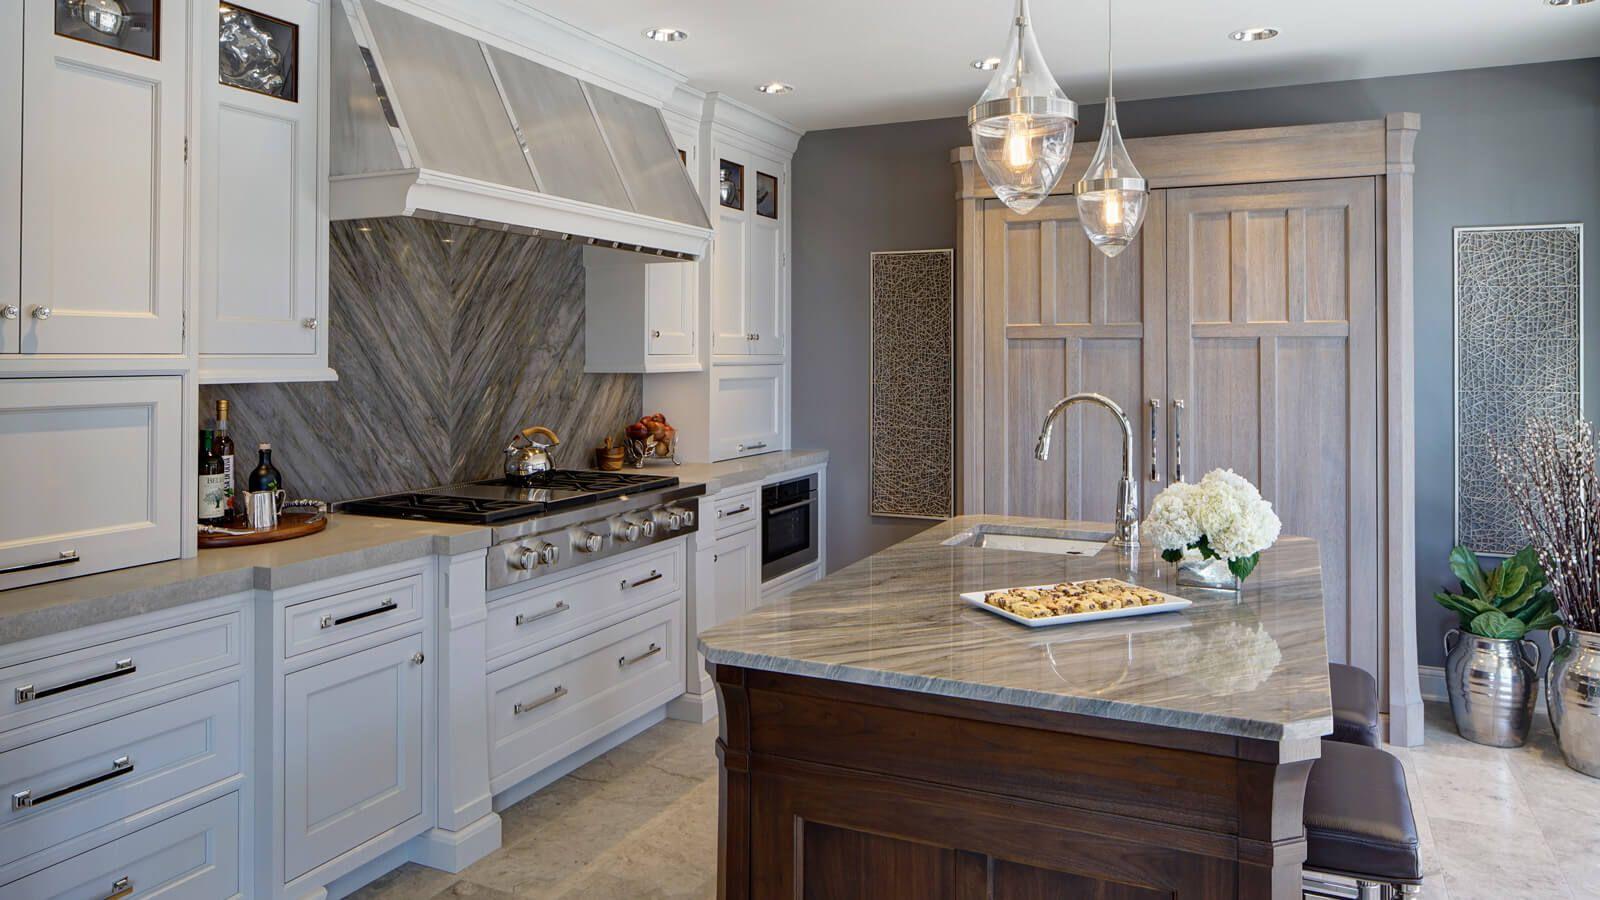 Best Kitchen Gallery: Transitional Kitchen Designs Kitchen Designs Ideas Pinterest of White Transitional Kitchen Design on rachelxblog.com